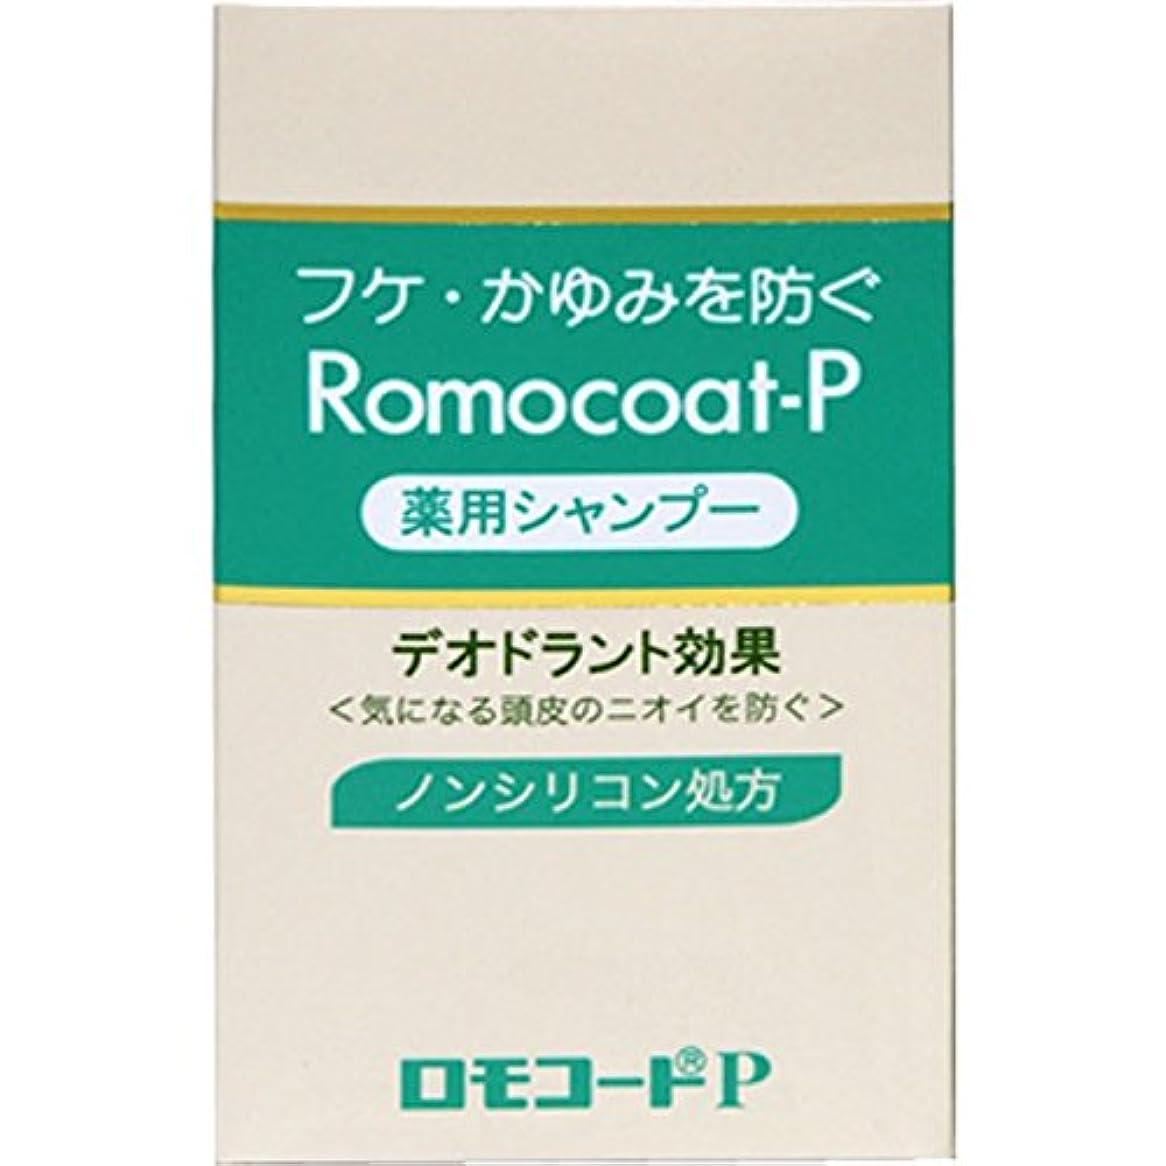 一掃するロードされた店主全薬工業 ロモコートP 180ml (医薬部外品)